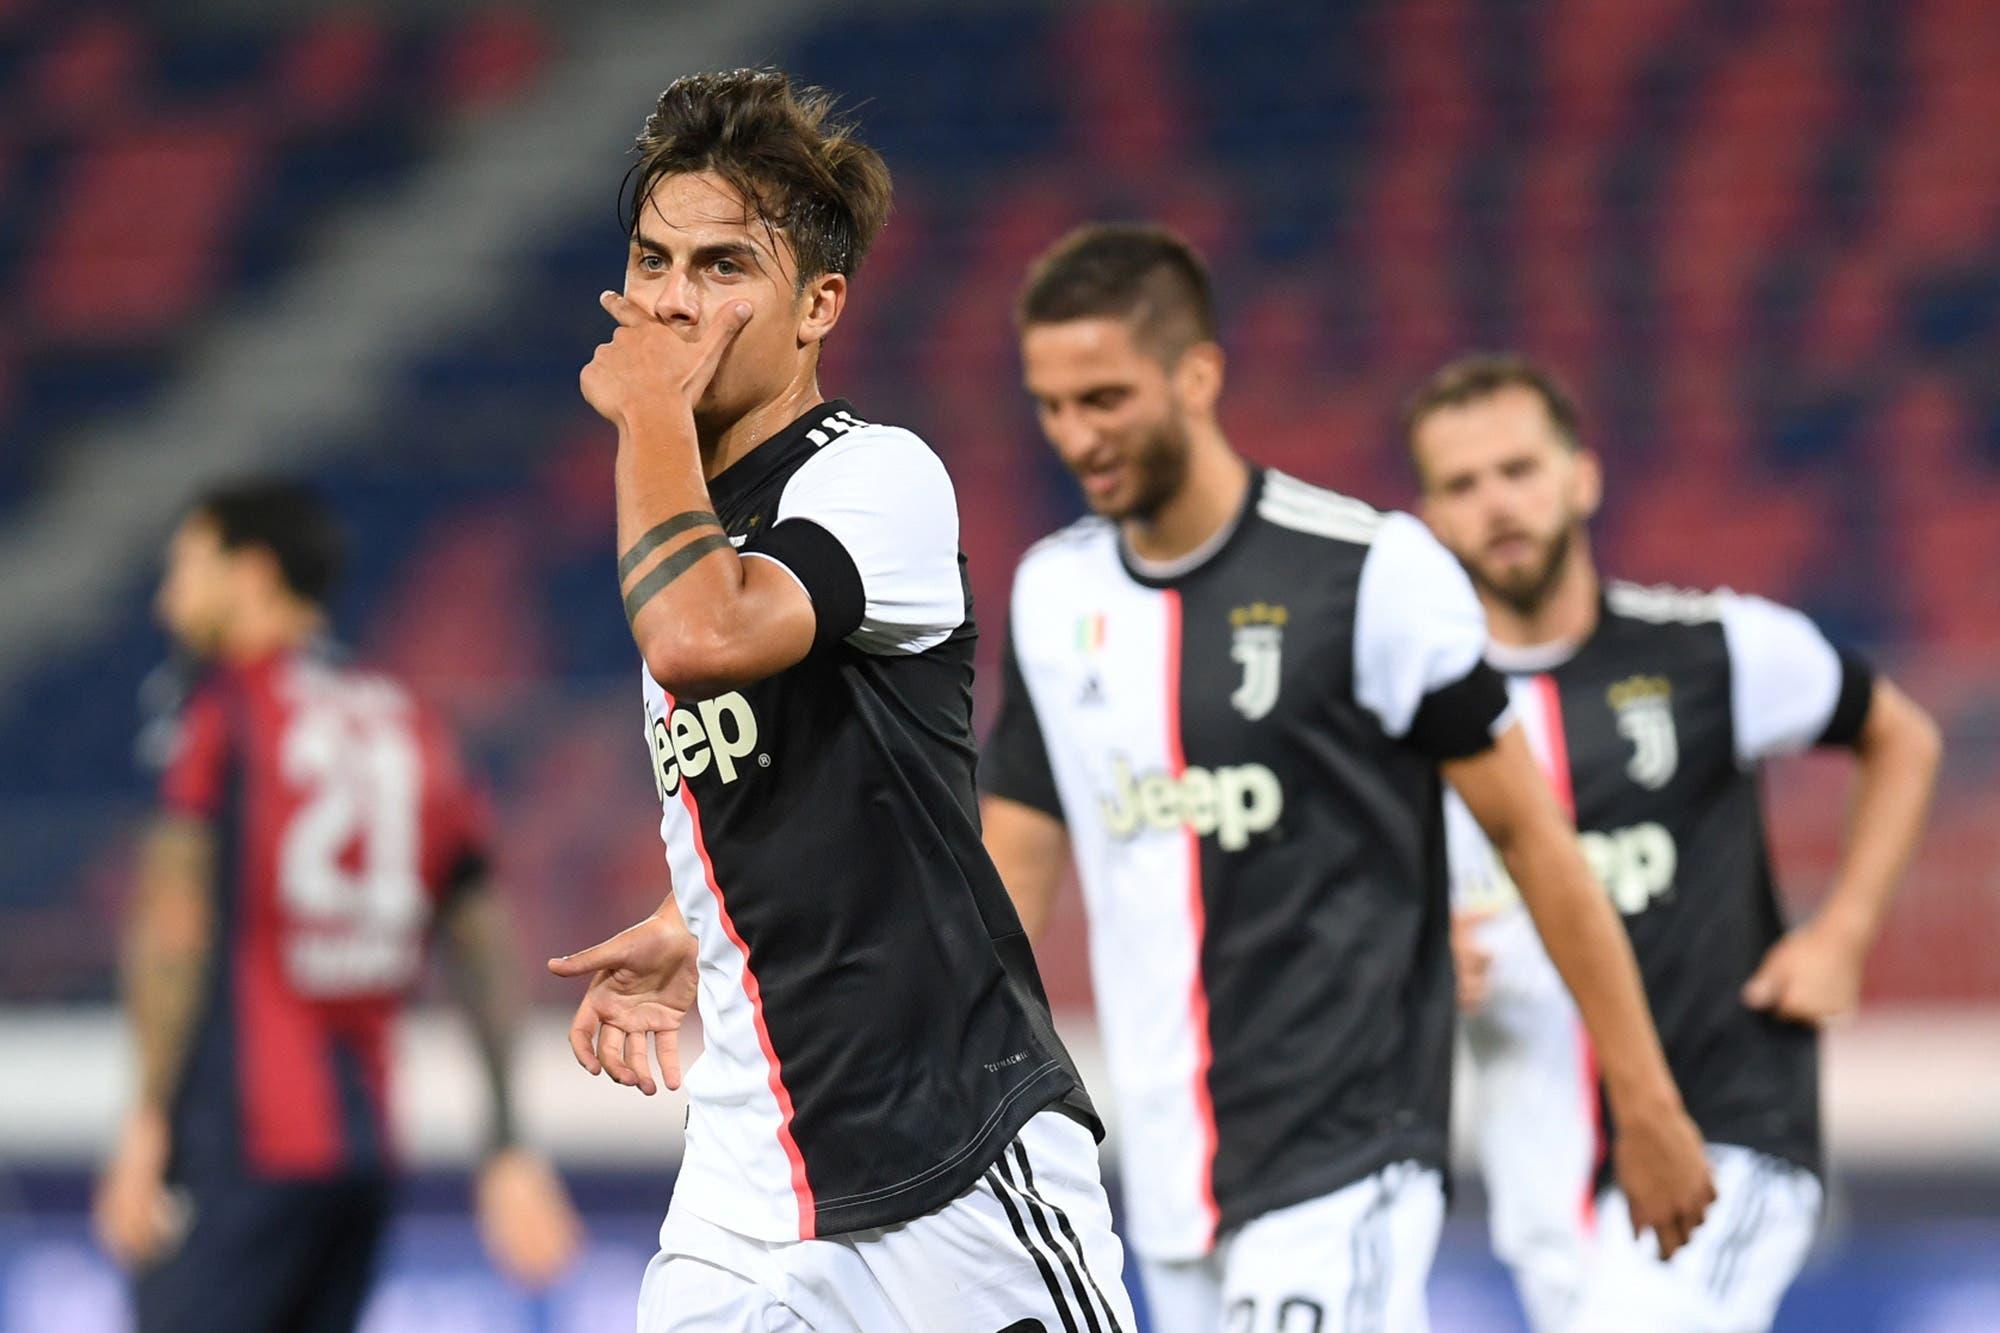 Bologna-Juventus, por la Serie A: con un golazo de Paulo Dybala, el líder ganó un partido clave por el campeonato